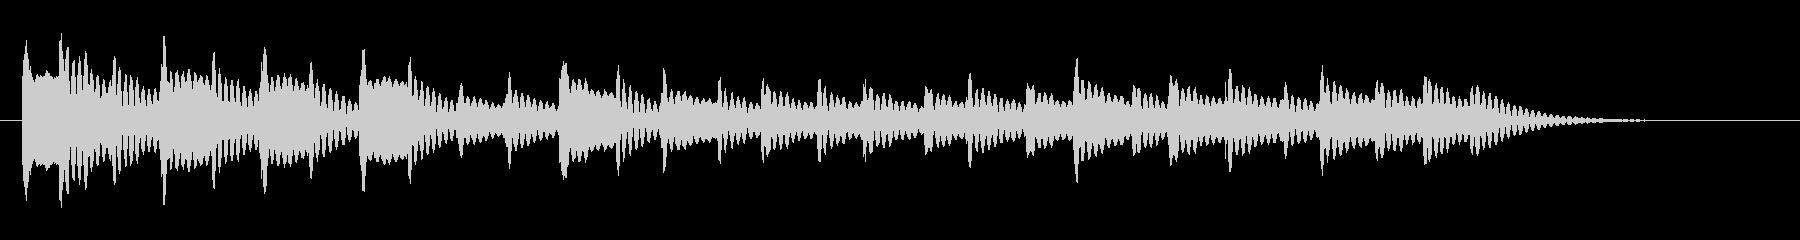 メタルチャイム:ショートトリル、漫...の未再生の波形